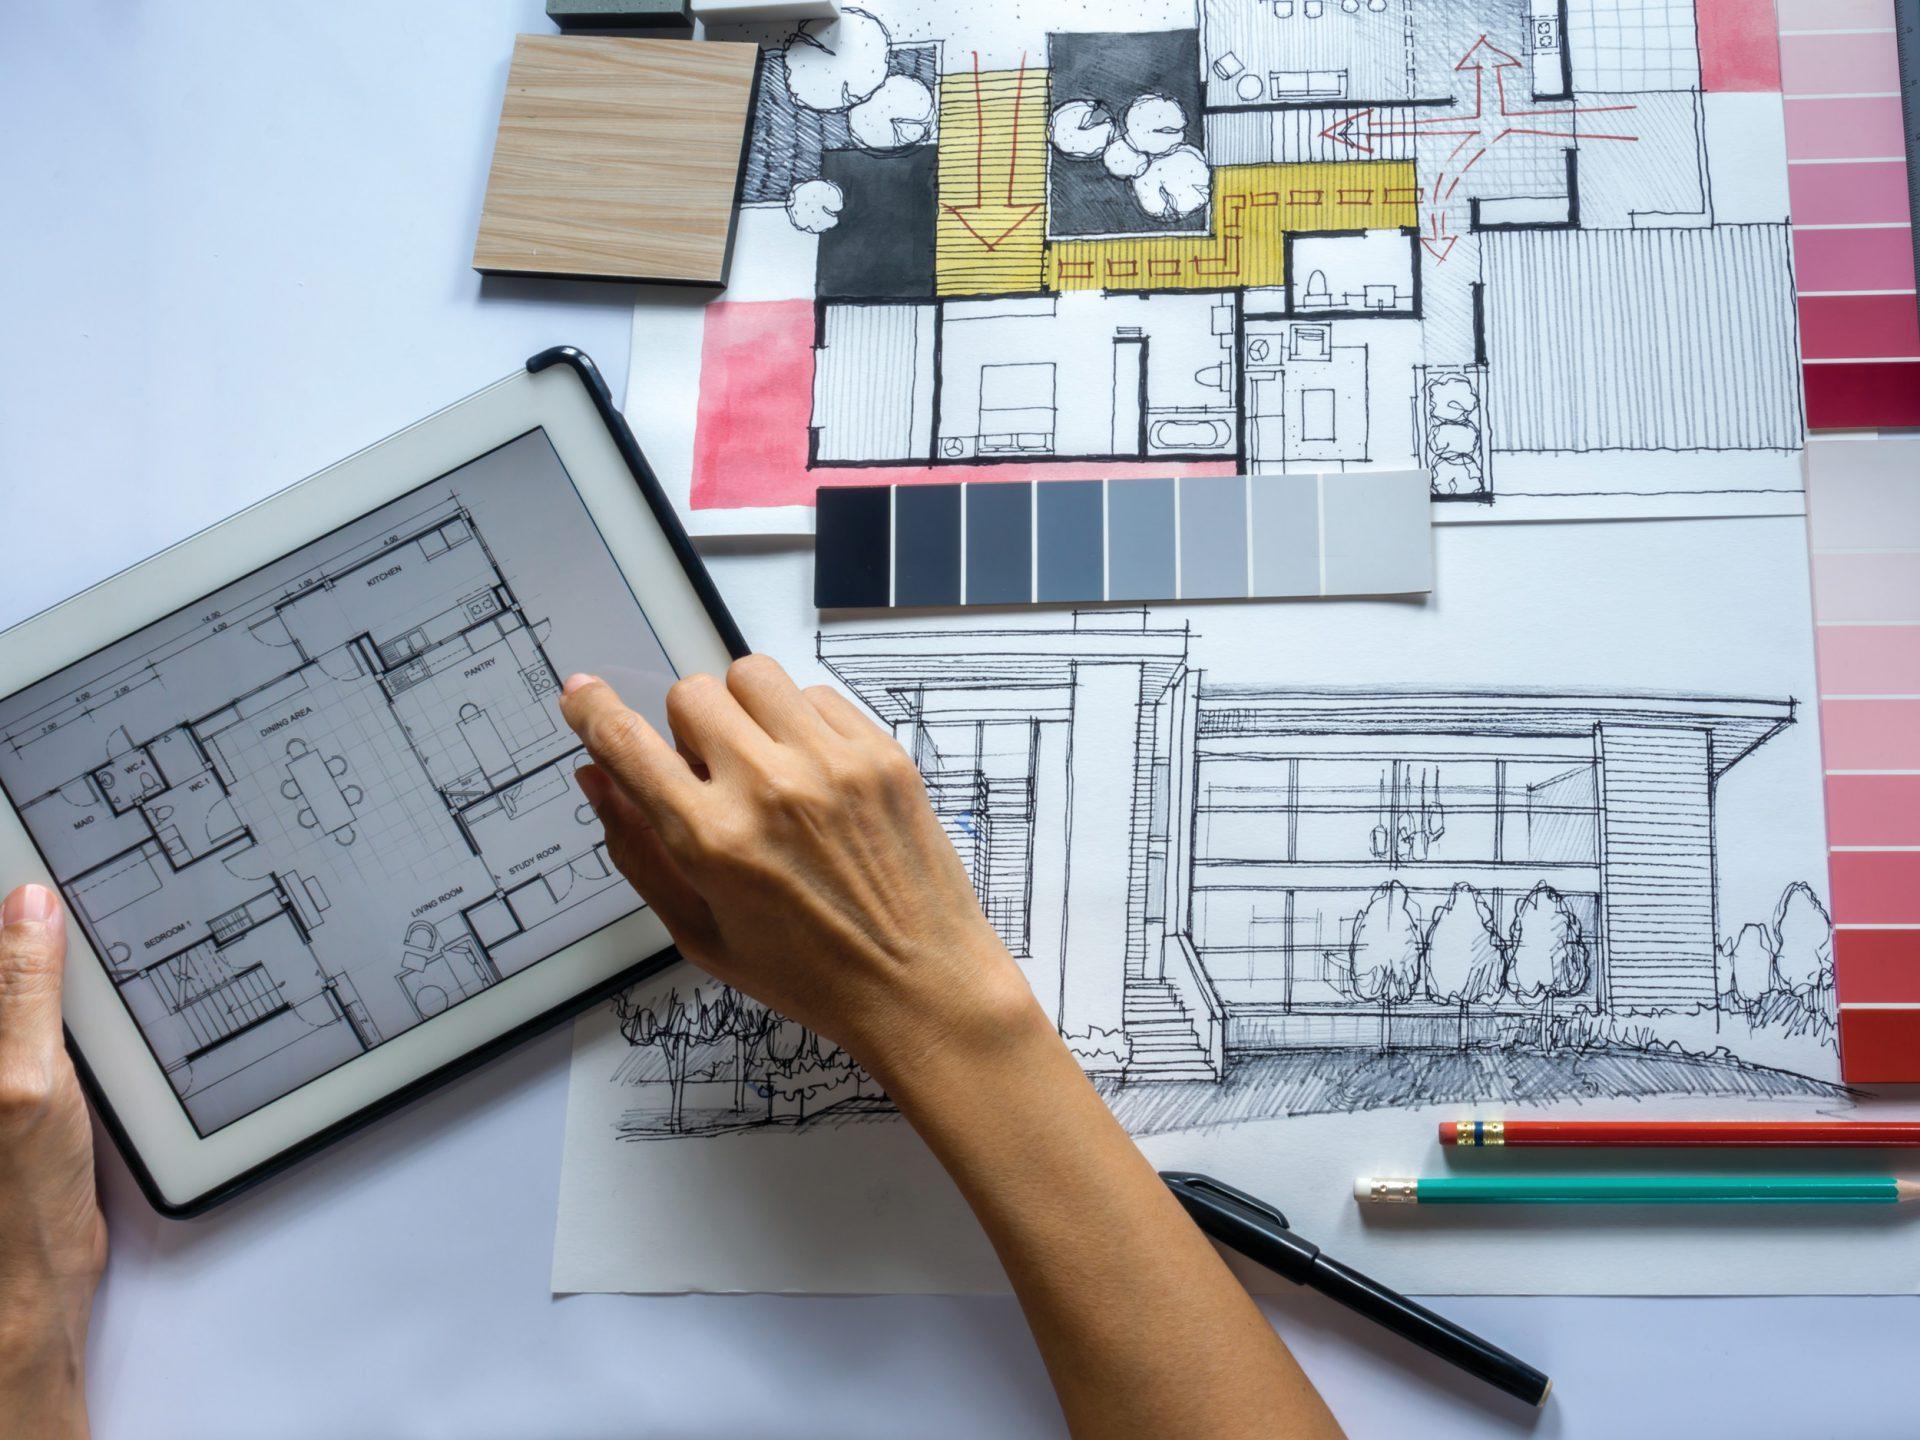 Картинки создать дизайн проект с лицами людей